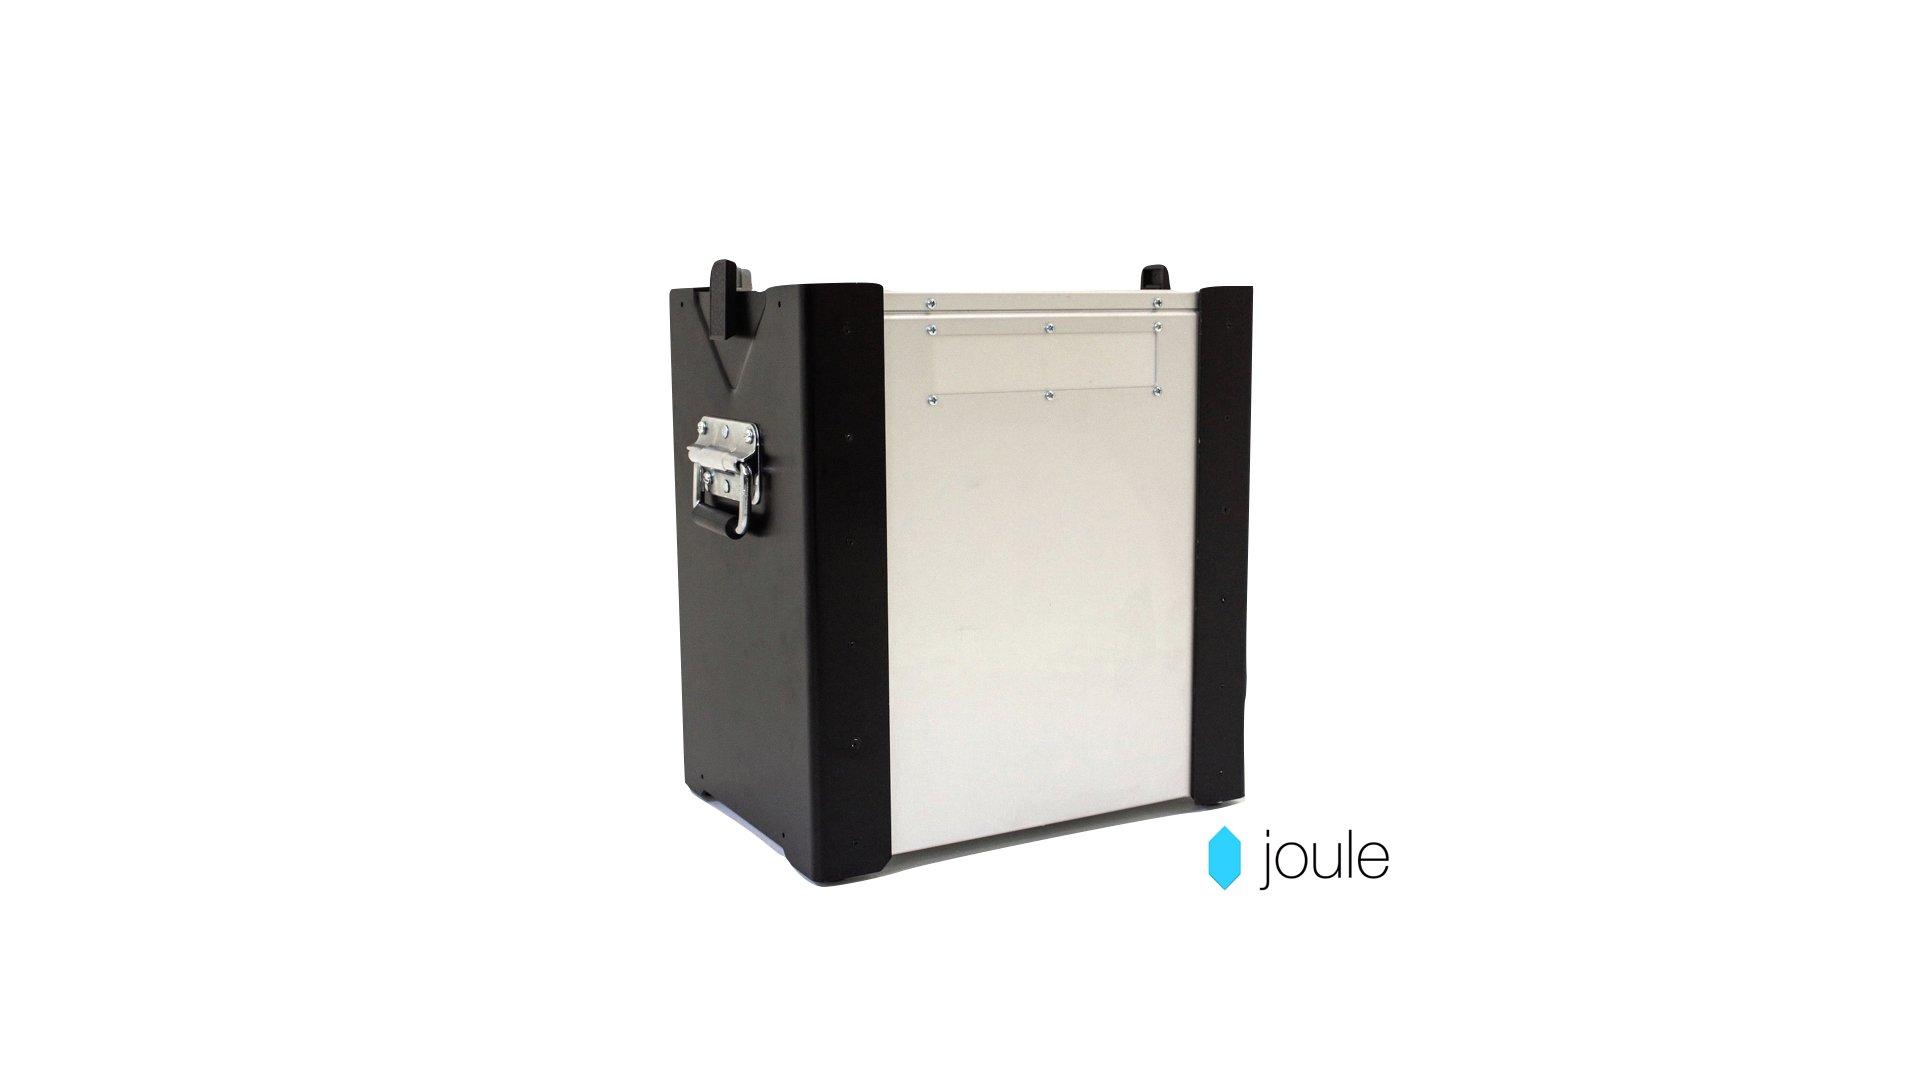 Joule Case SLA 2K Base Station